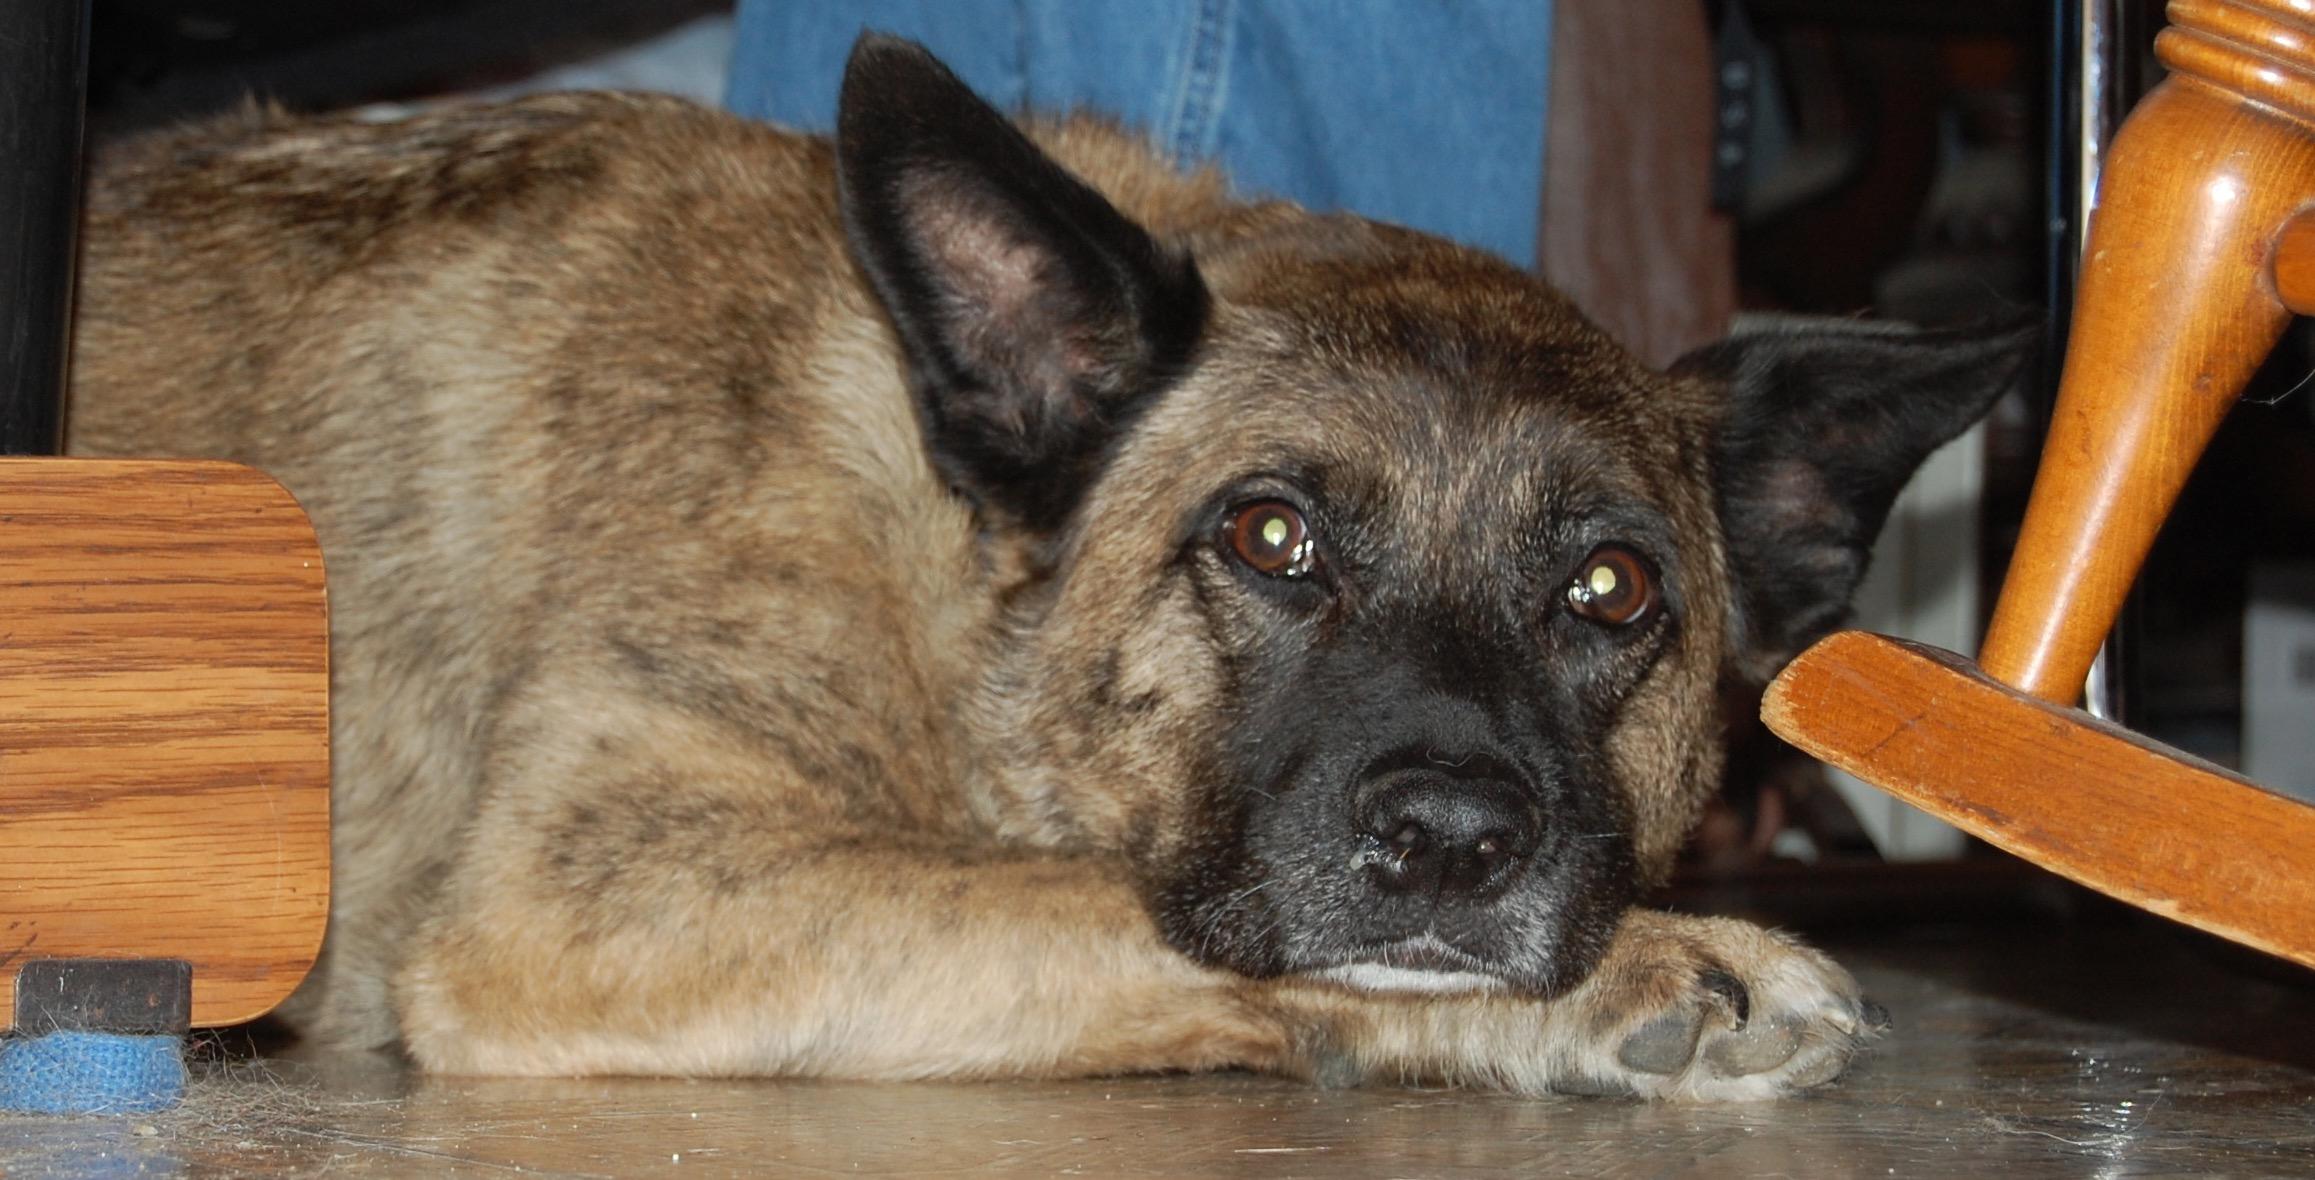 Sunshine the family dog, Aug. 9, 2009.